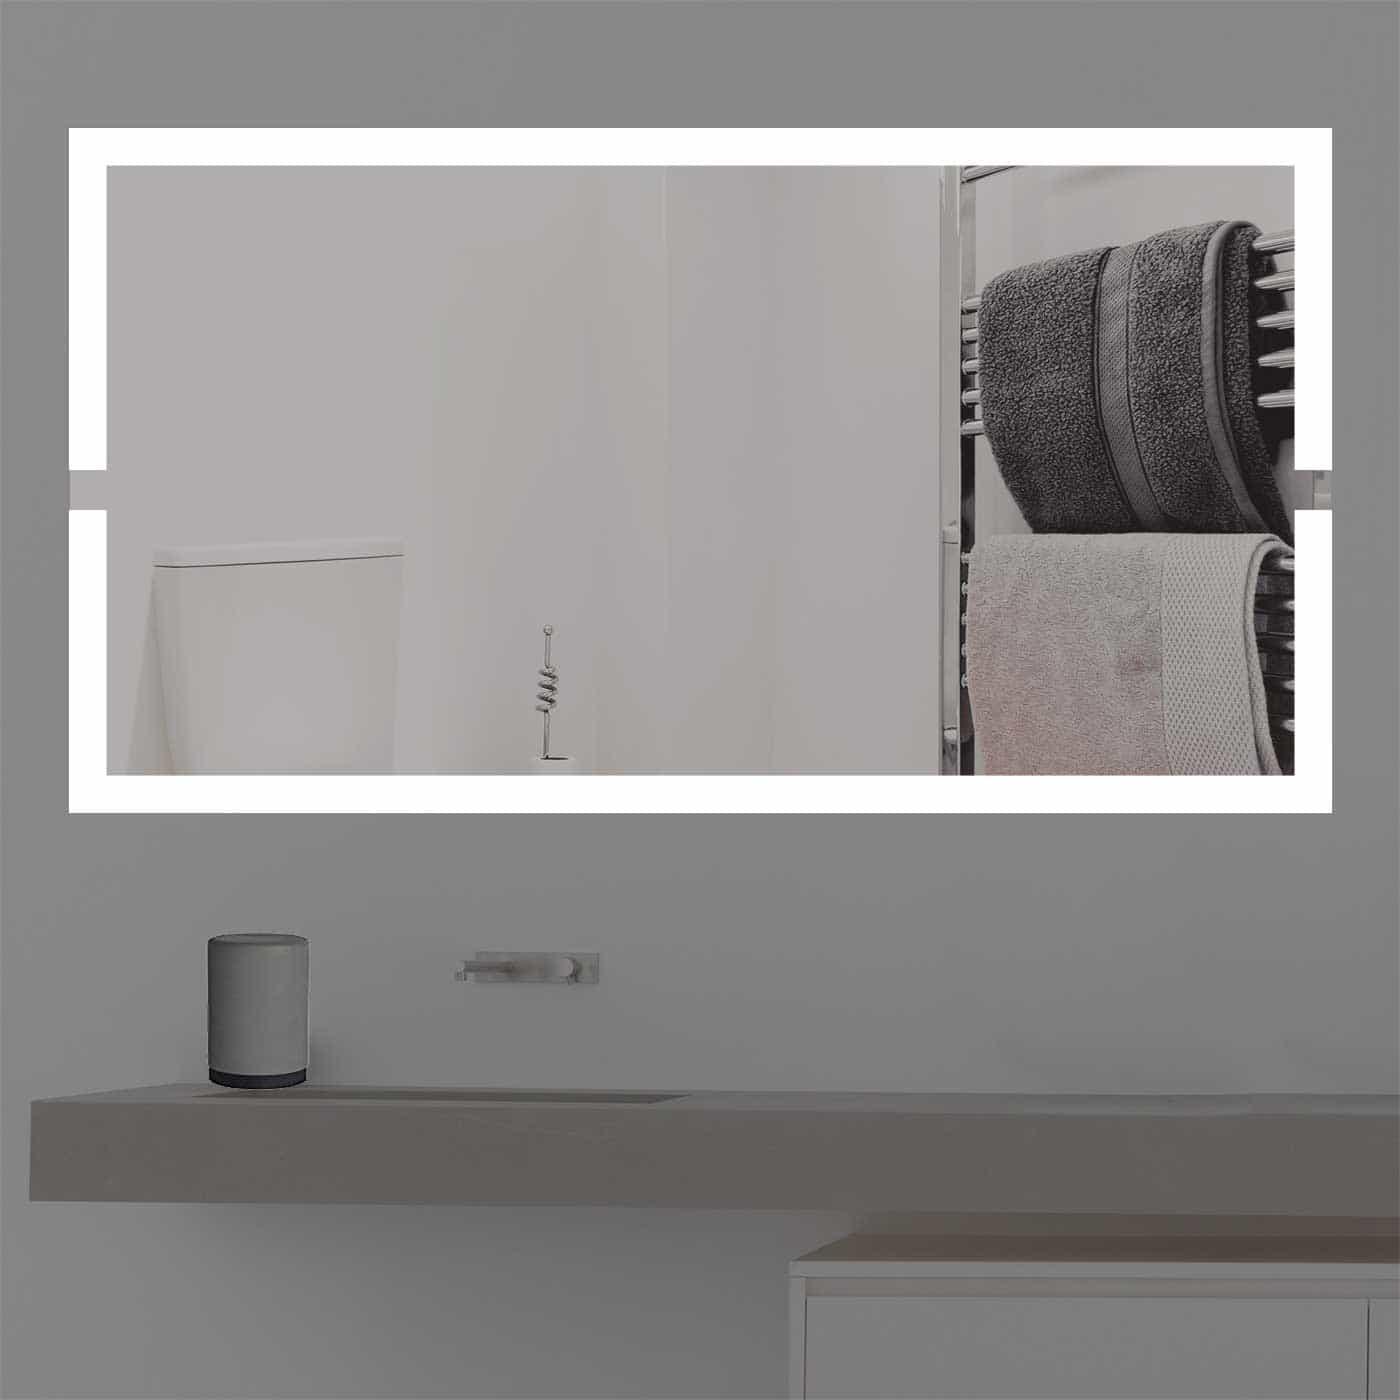 badspiegel led beleuchtet online kaufen k1493. Black Bedroom Furniture Sets. Home Design Ideas